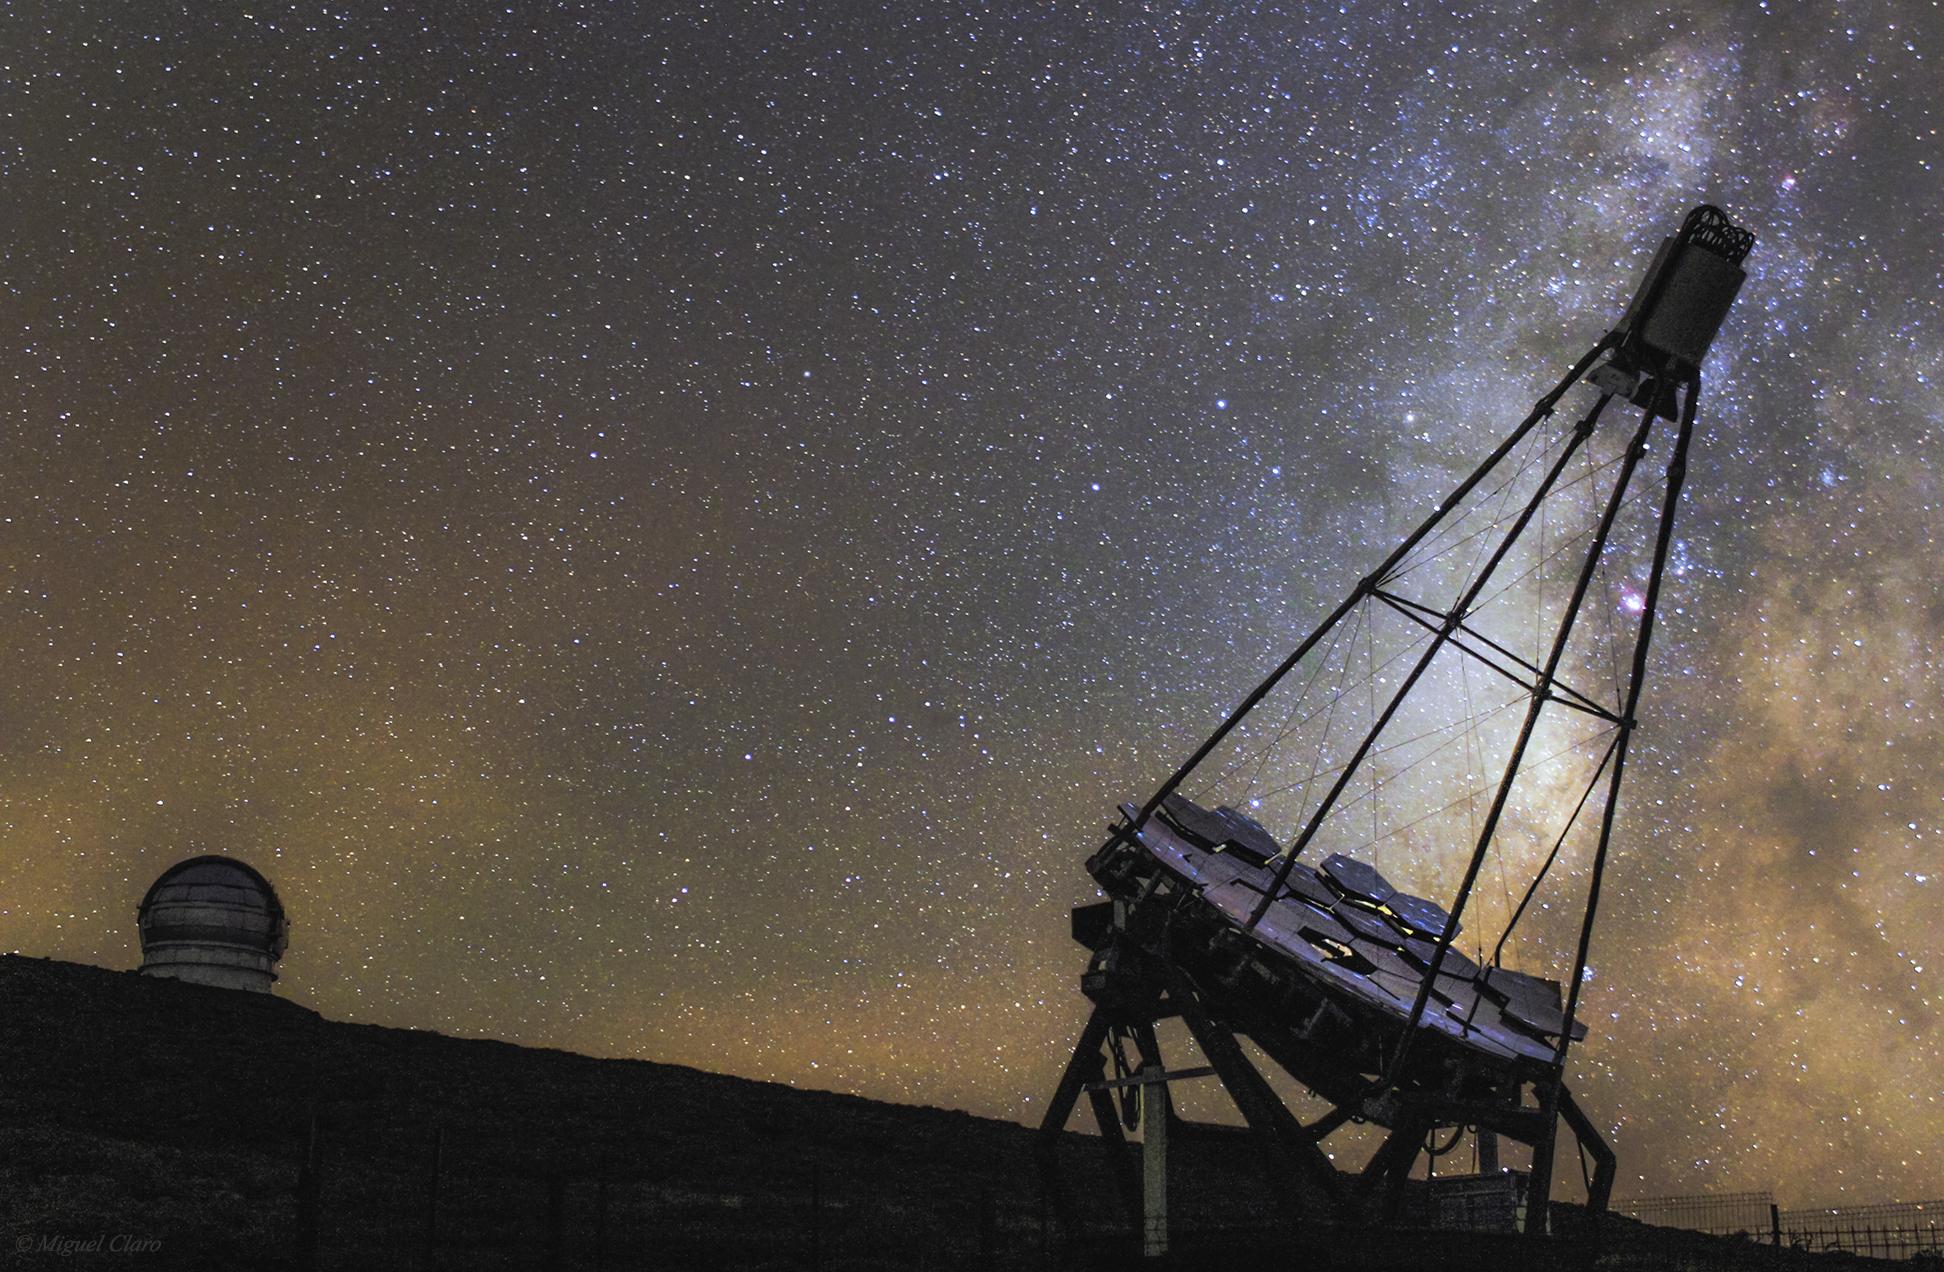 Gran Telescopio Canarias And Fact Telescope Against Milky